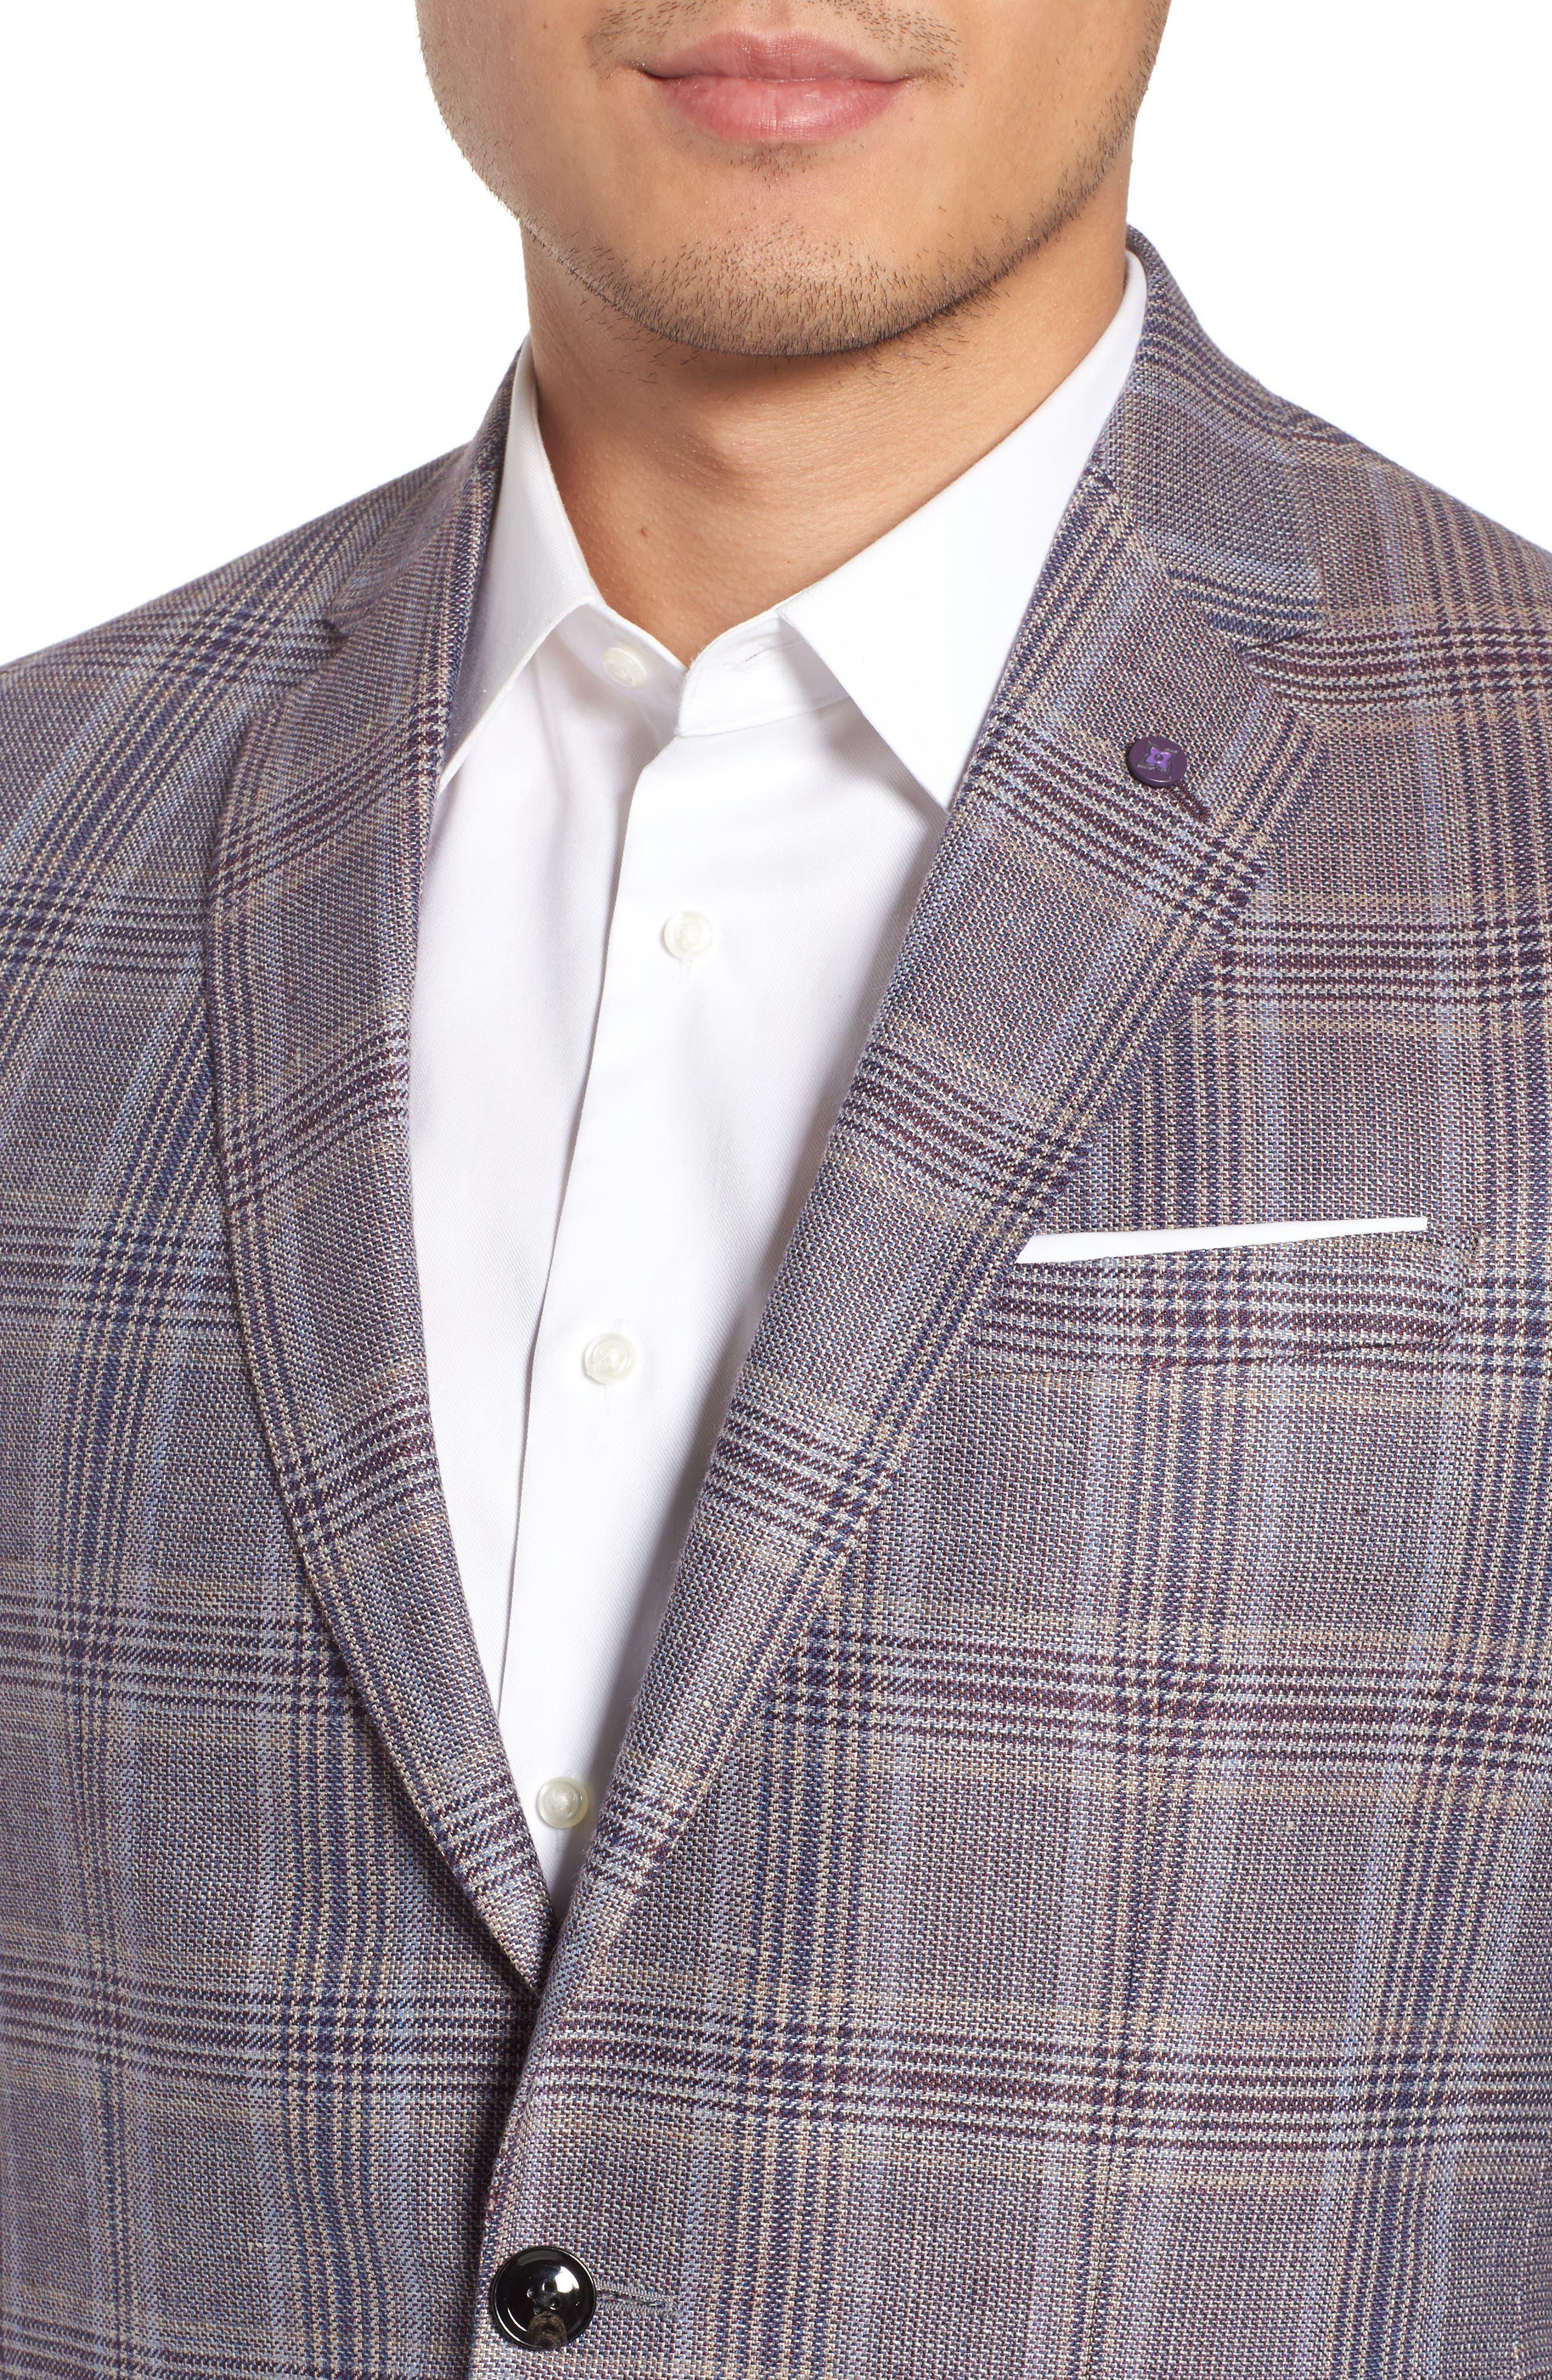 Konan Trim Fit Plaid Linen & Wool Sport Coat,                             Alternate thumbnail 4, color,                             270